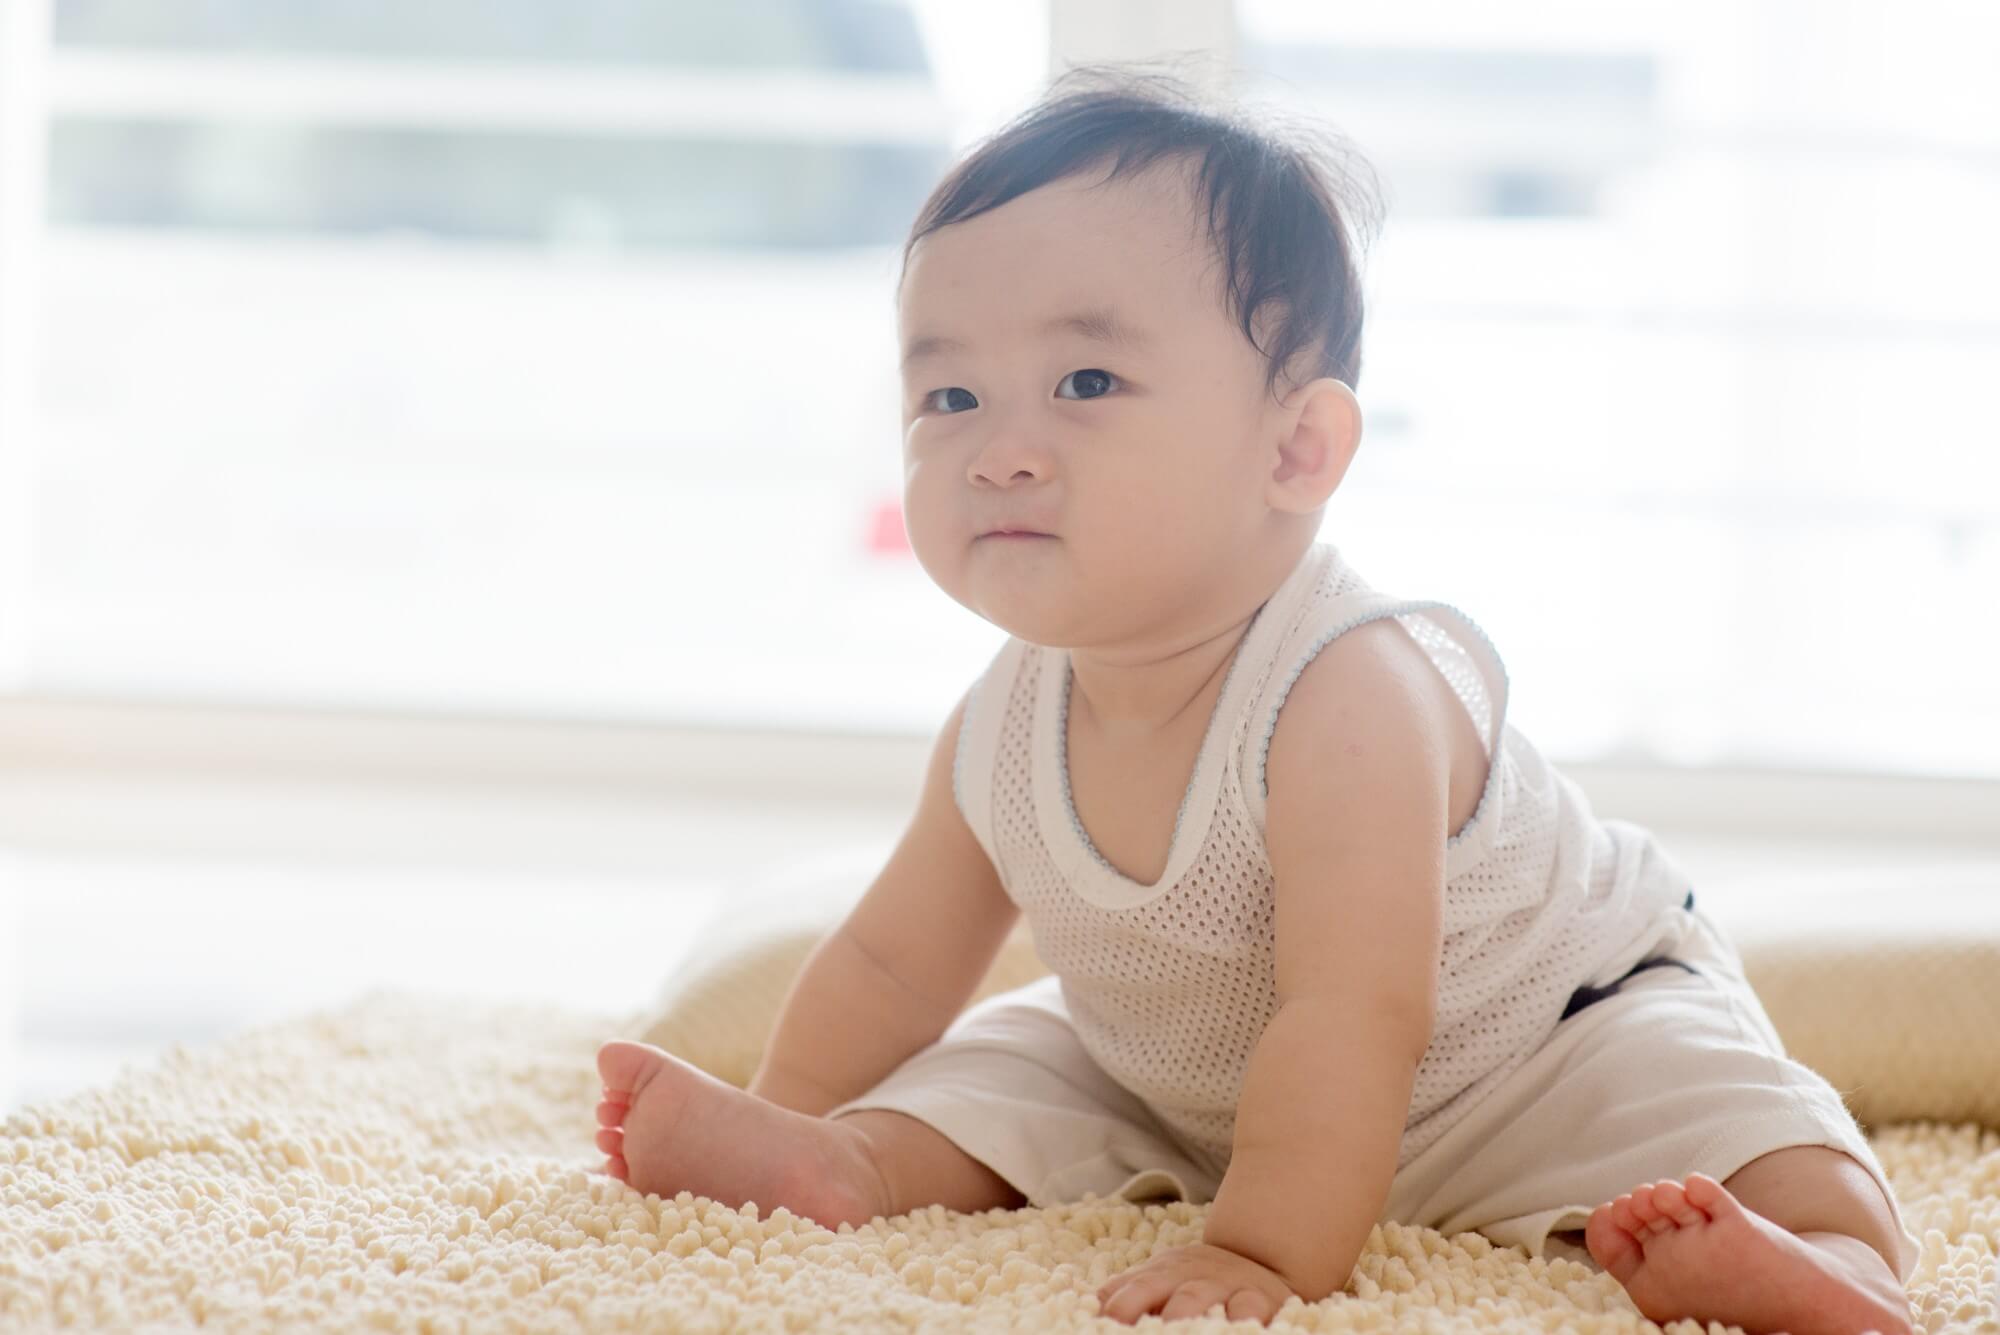 Manfaat Utama Minyak Kutus Kutus untuk Kesehatan Bayi